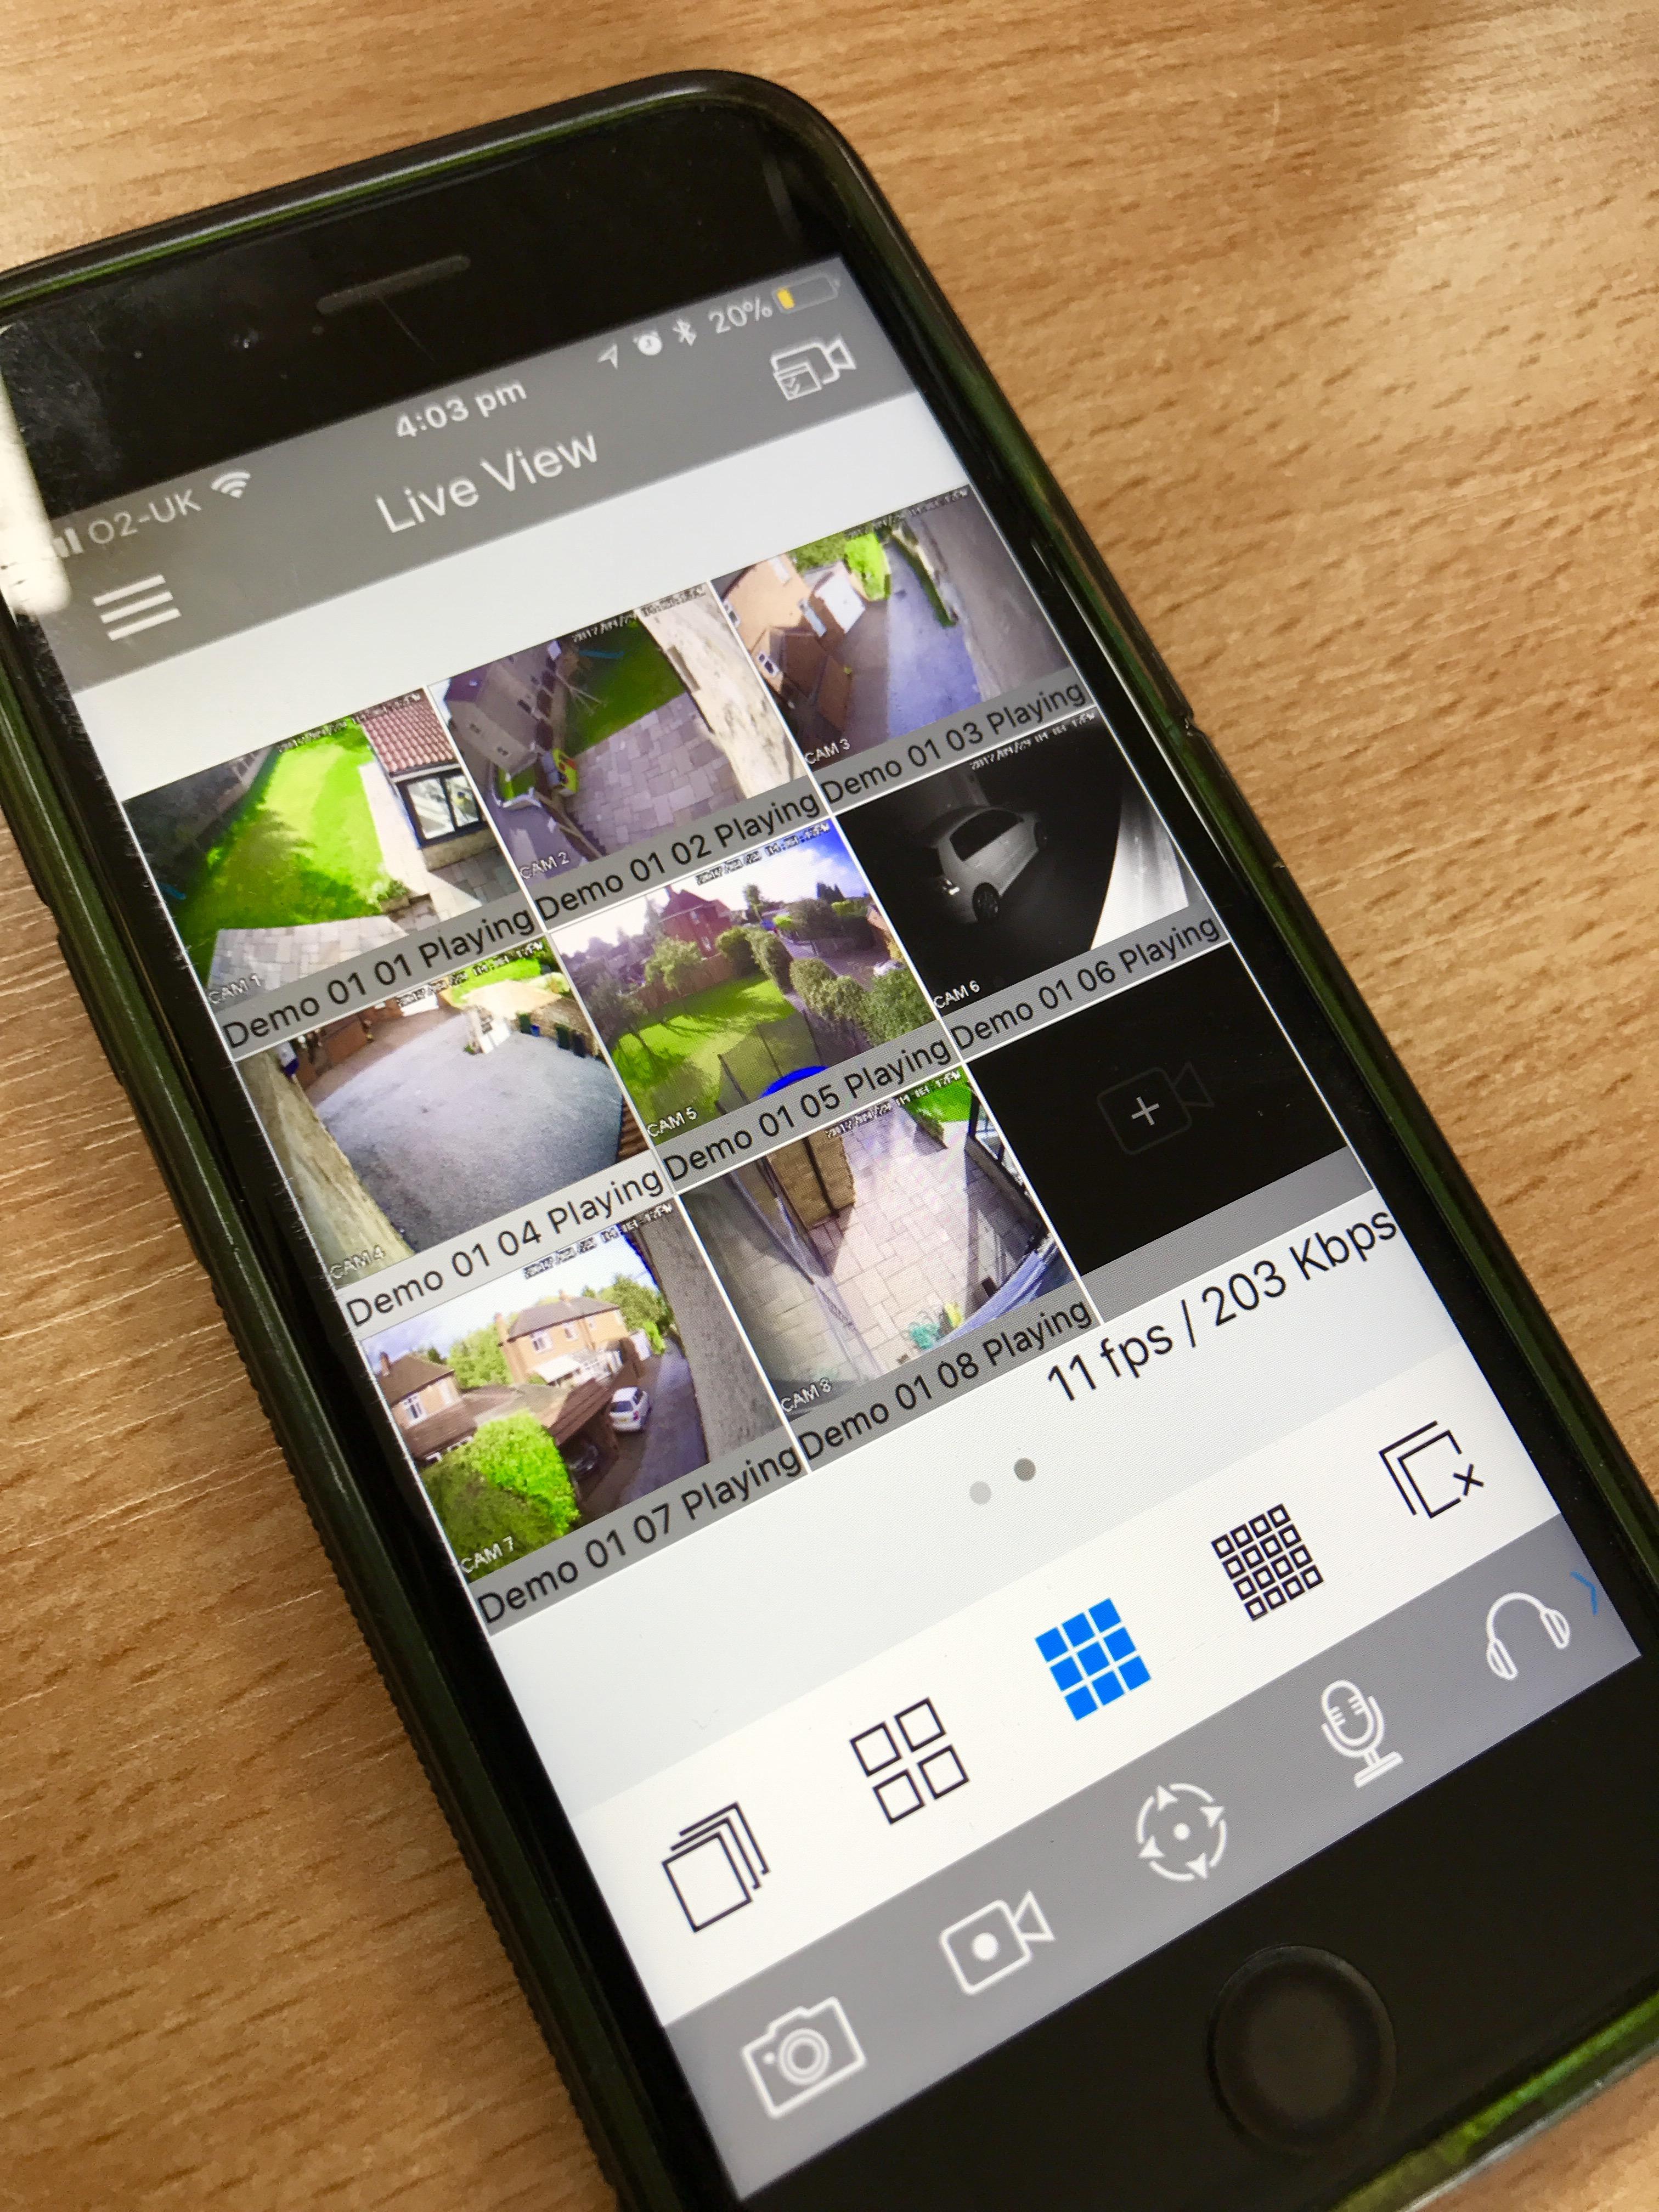 CCTV camera footage on phone